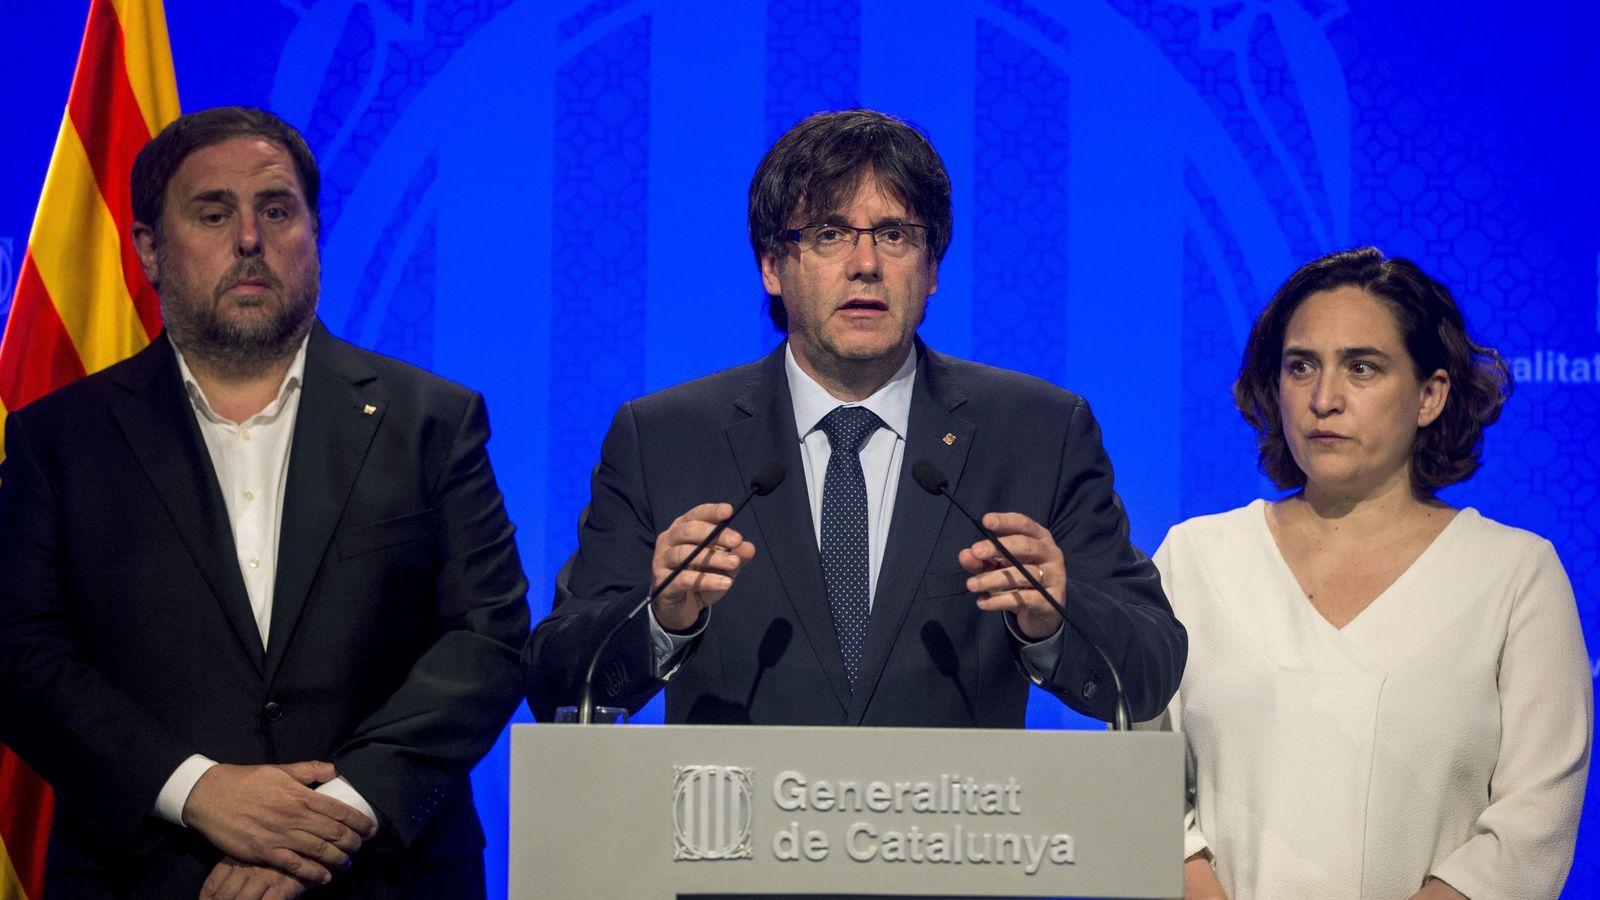 Foto: El presidente de la Generalitat, Carles Puigdemont (c), junto a la alcaldesa de Barcelona, Ada Colau (d), y el vicepresidente, Oriol Junqueras (i), hace una declaración institucional. (EFE)